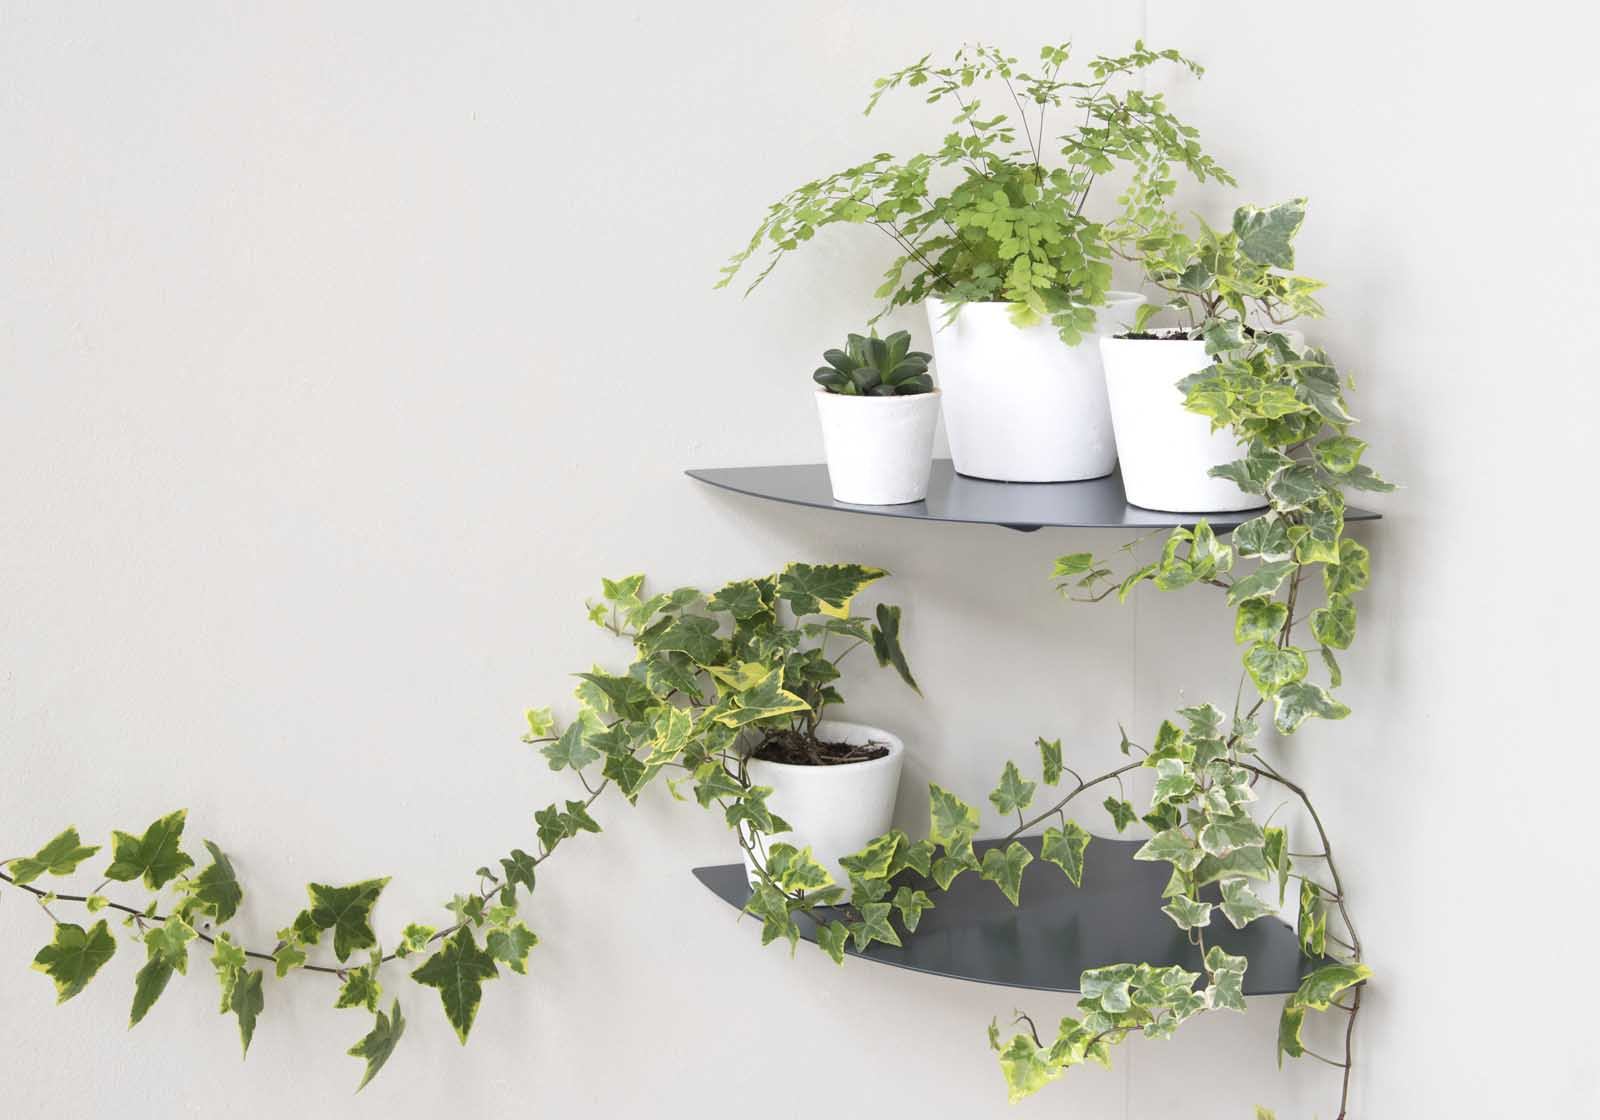 Plante Sur Les Murs comment construire le mur végétal parfait ?